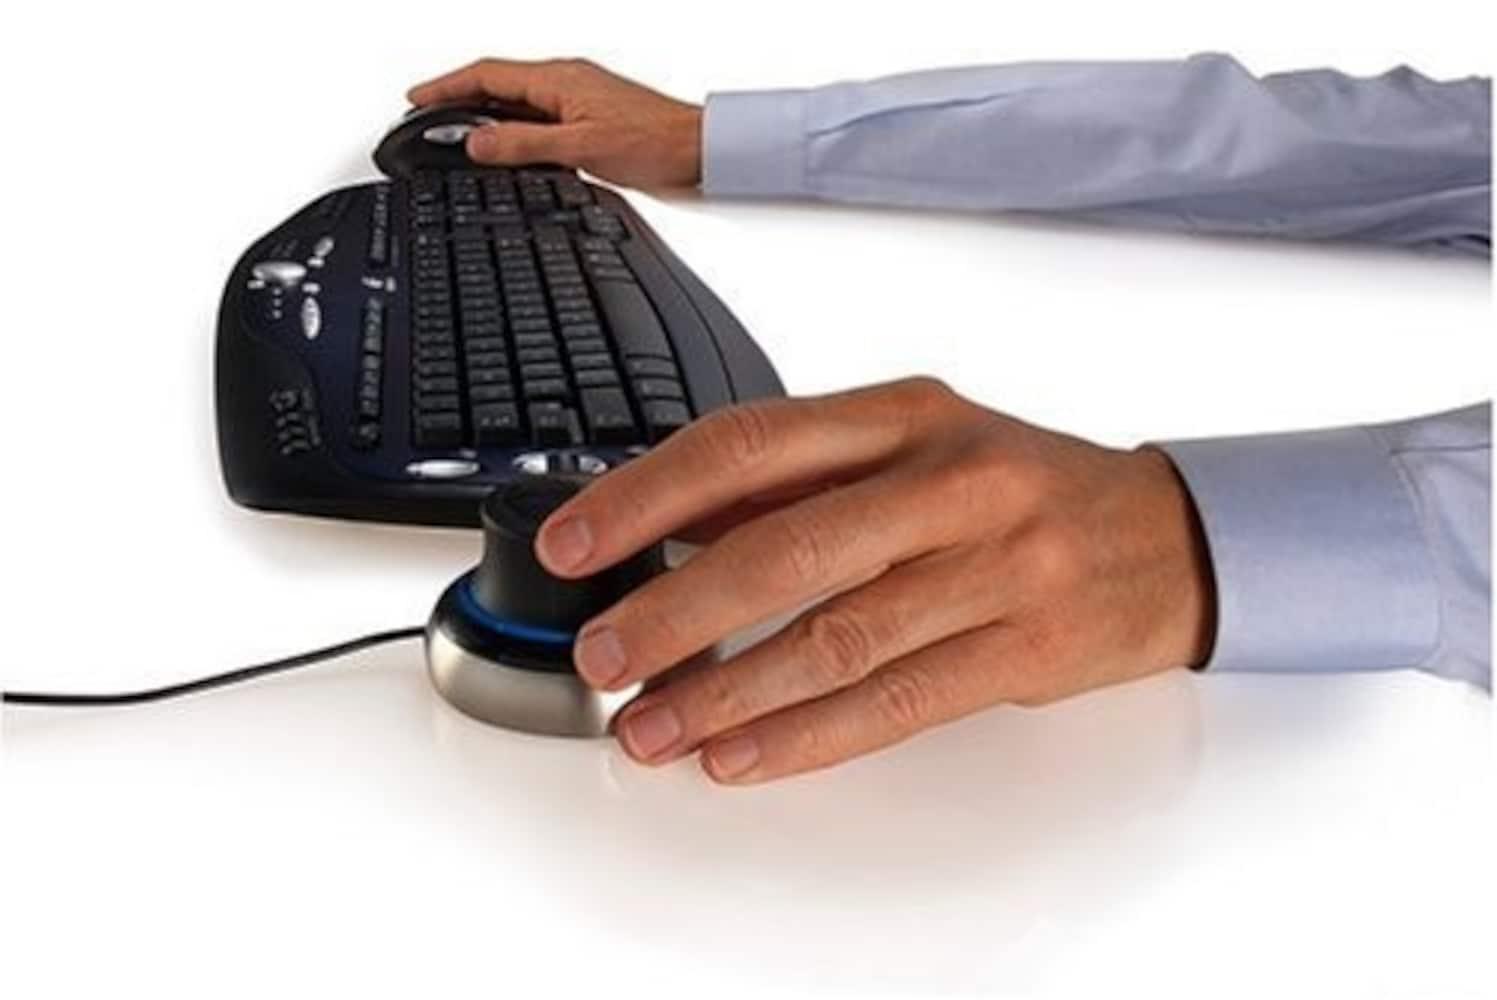 併用使い|通常のマウスとの併用ができるかチェック